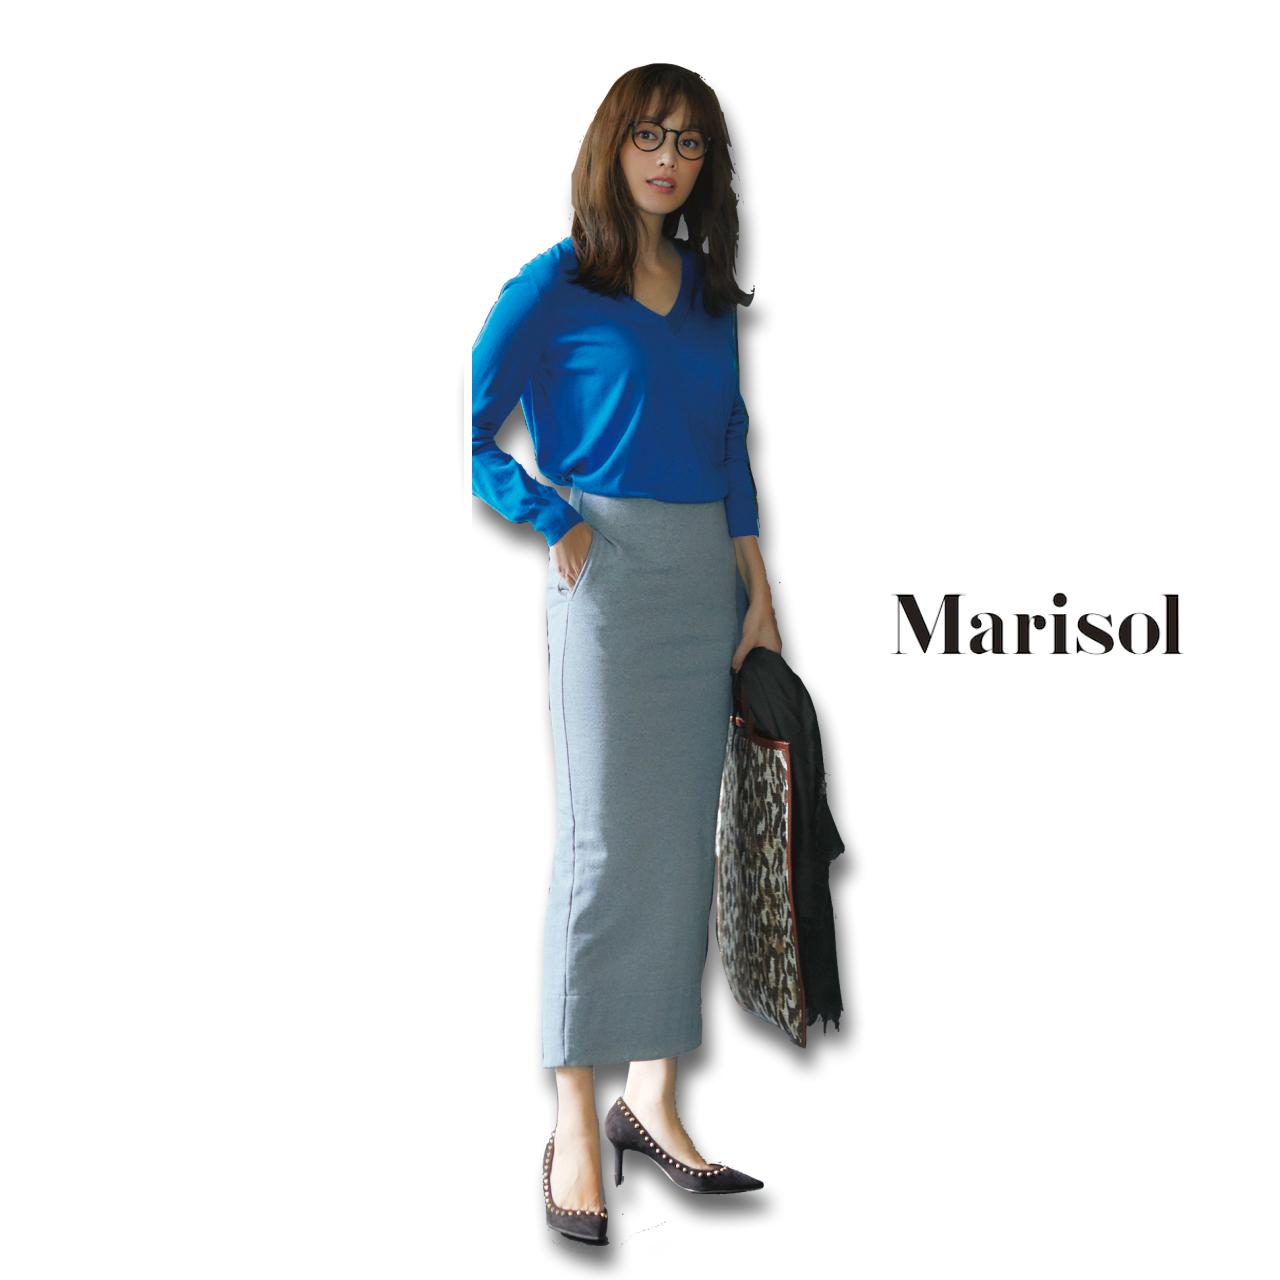 40代ファッション ブルーニット×グレータイトスカートコーデ